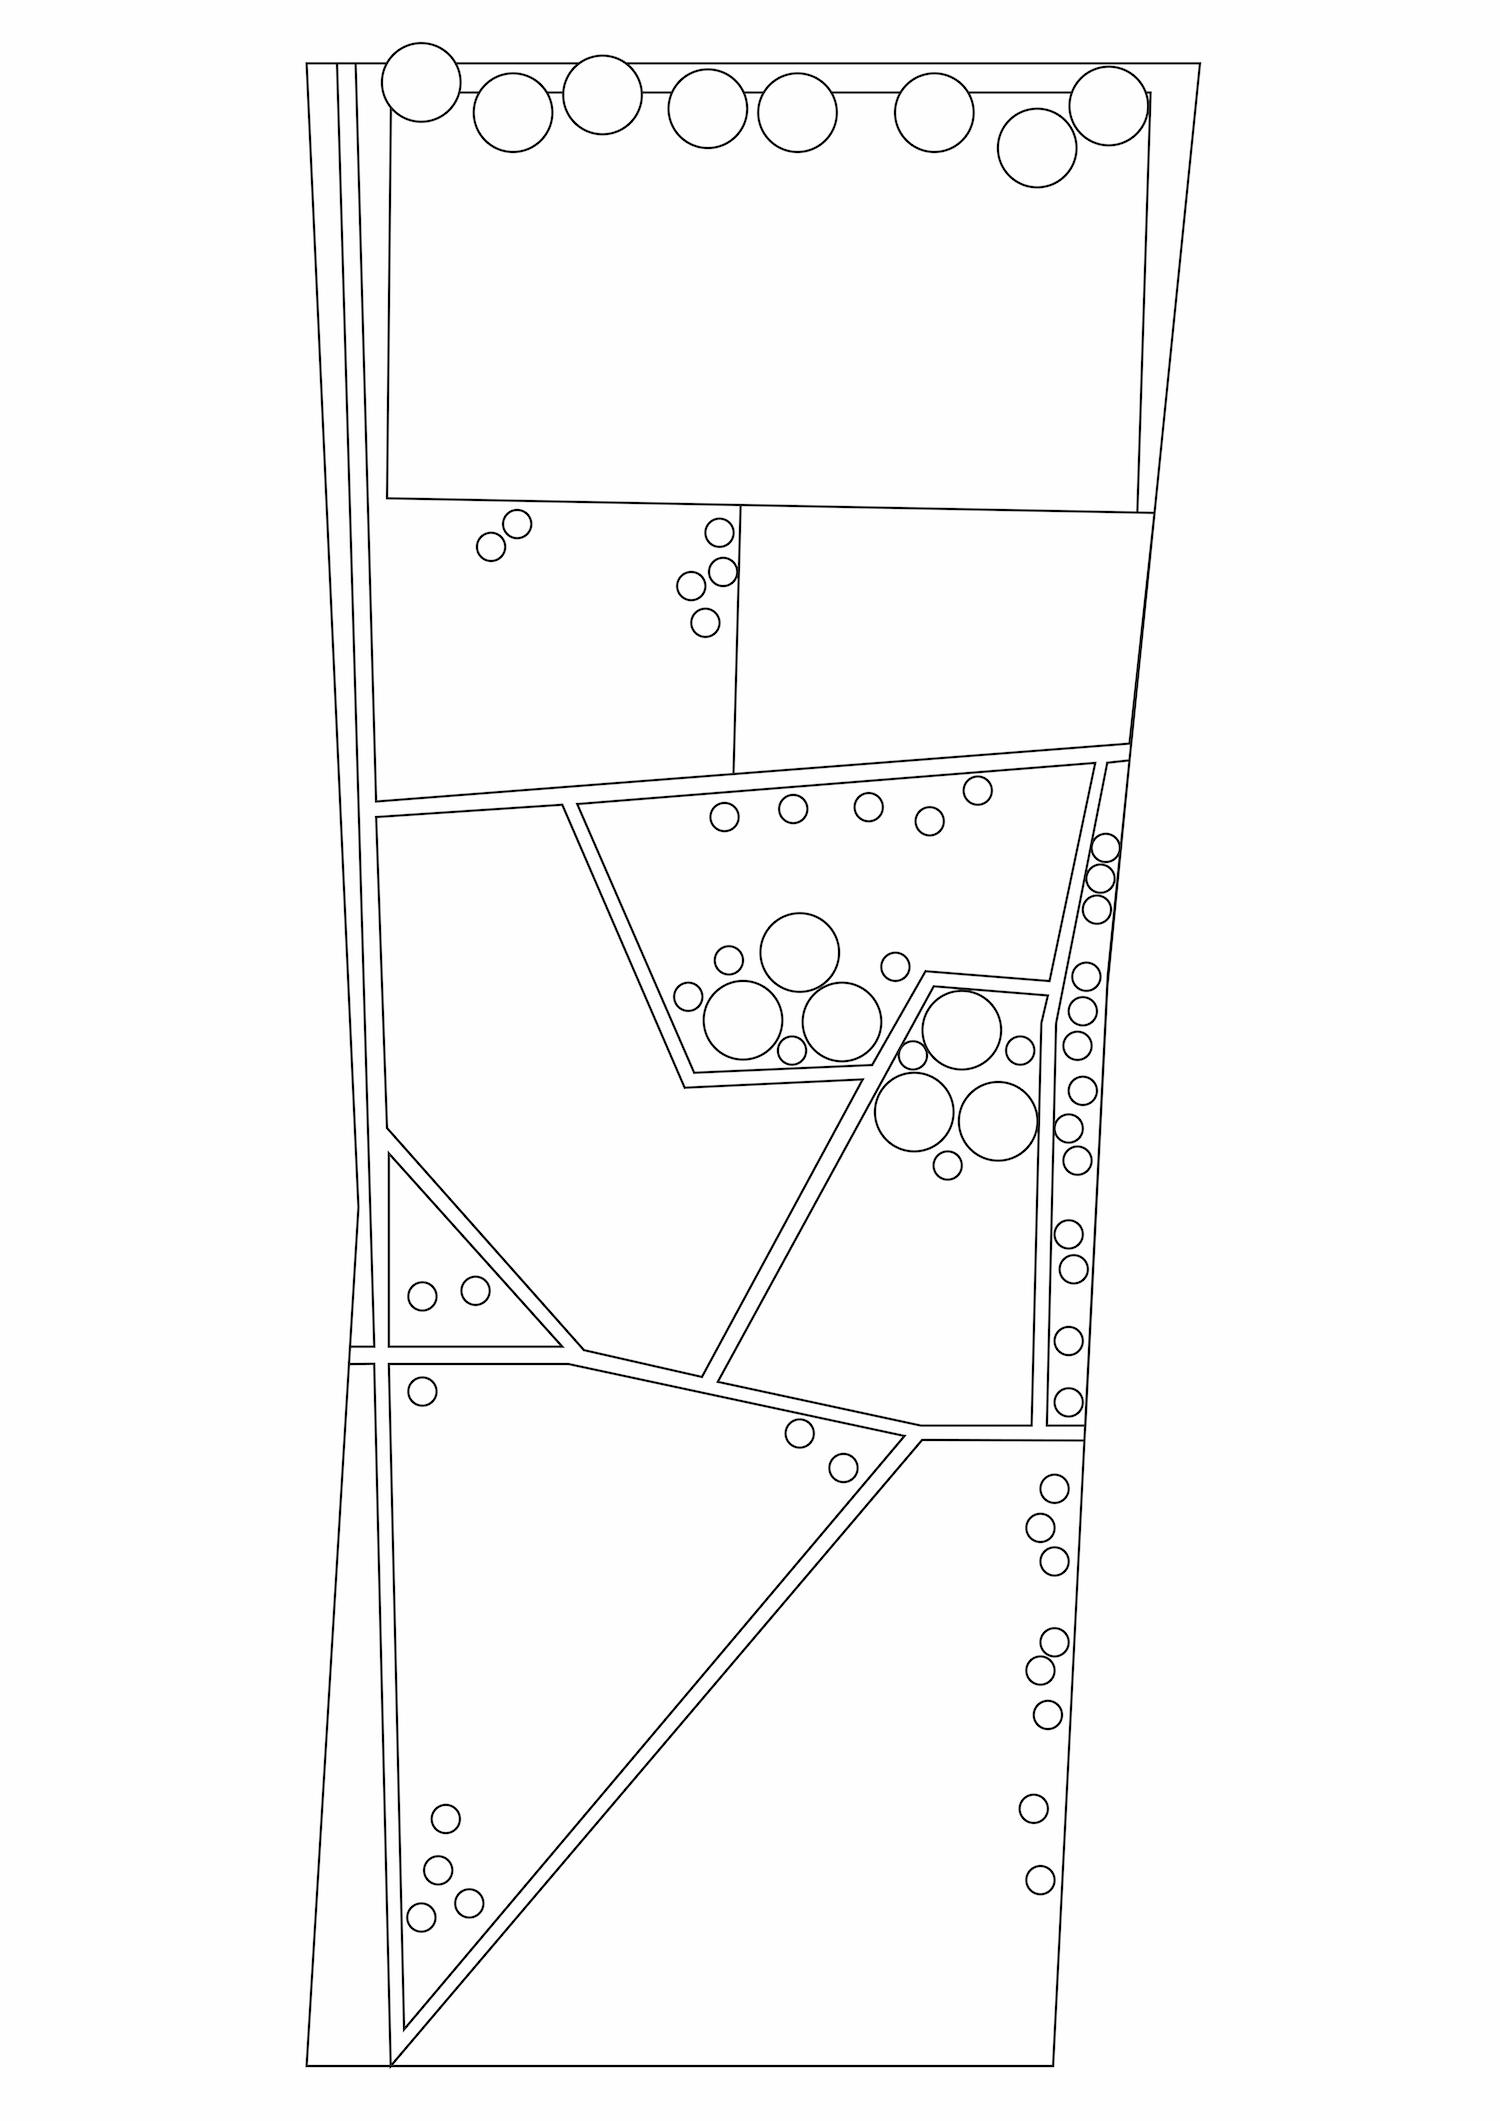 32_Zeichenfläche 1.jpg